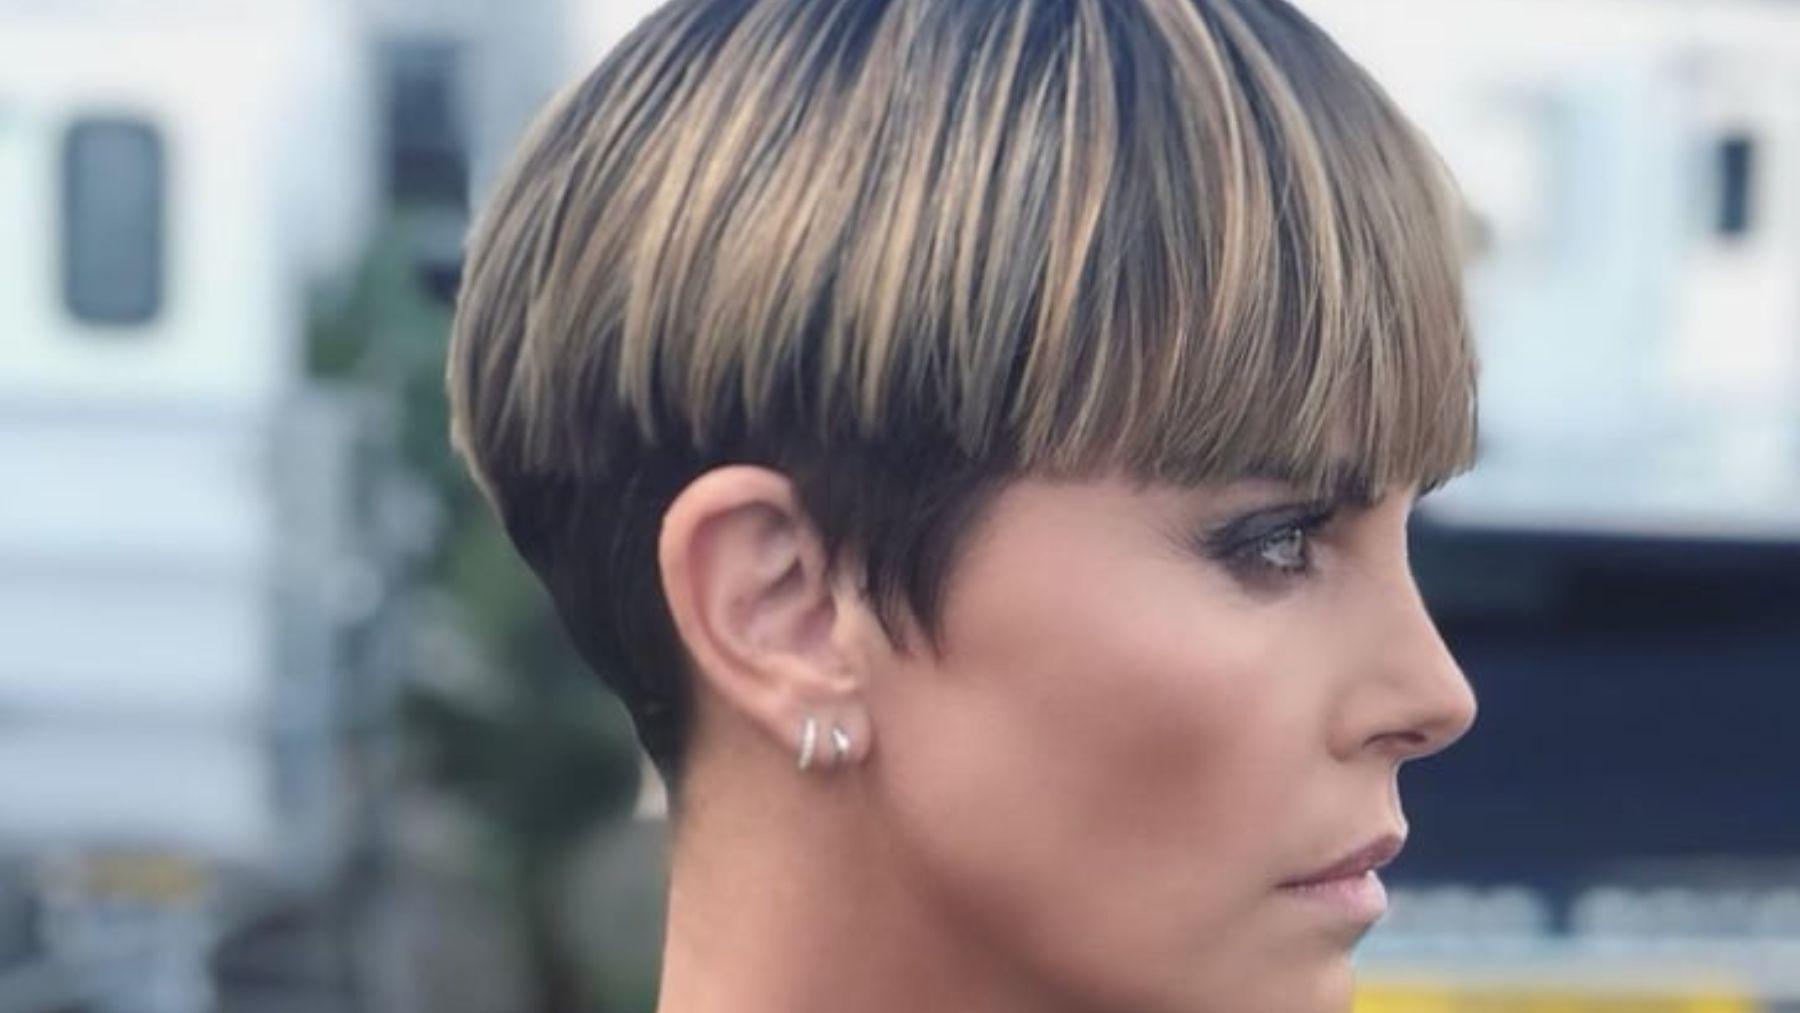 El corte de pelo que ha vuelto a poner de moda Charlize Theron /Foto: Instagram